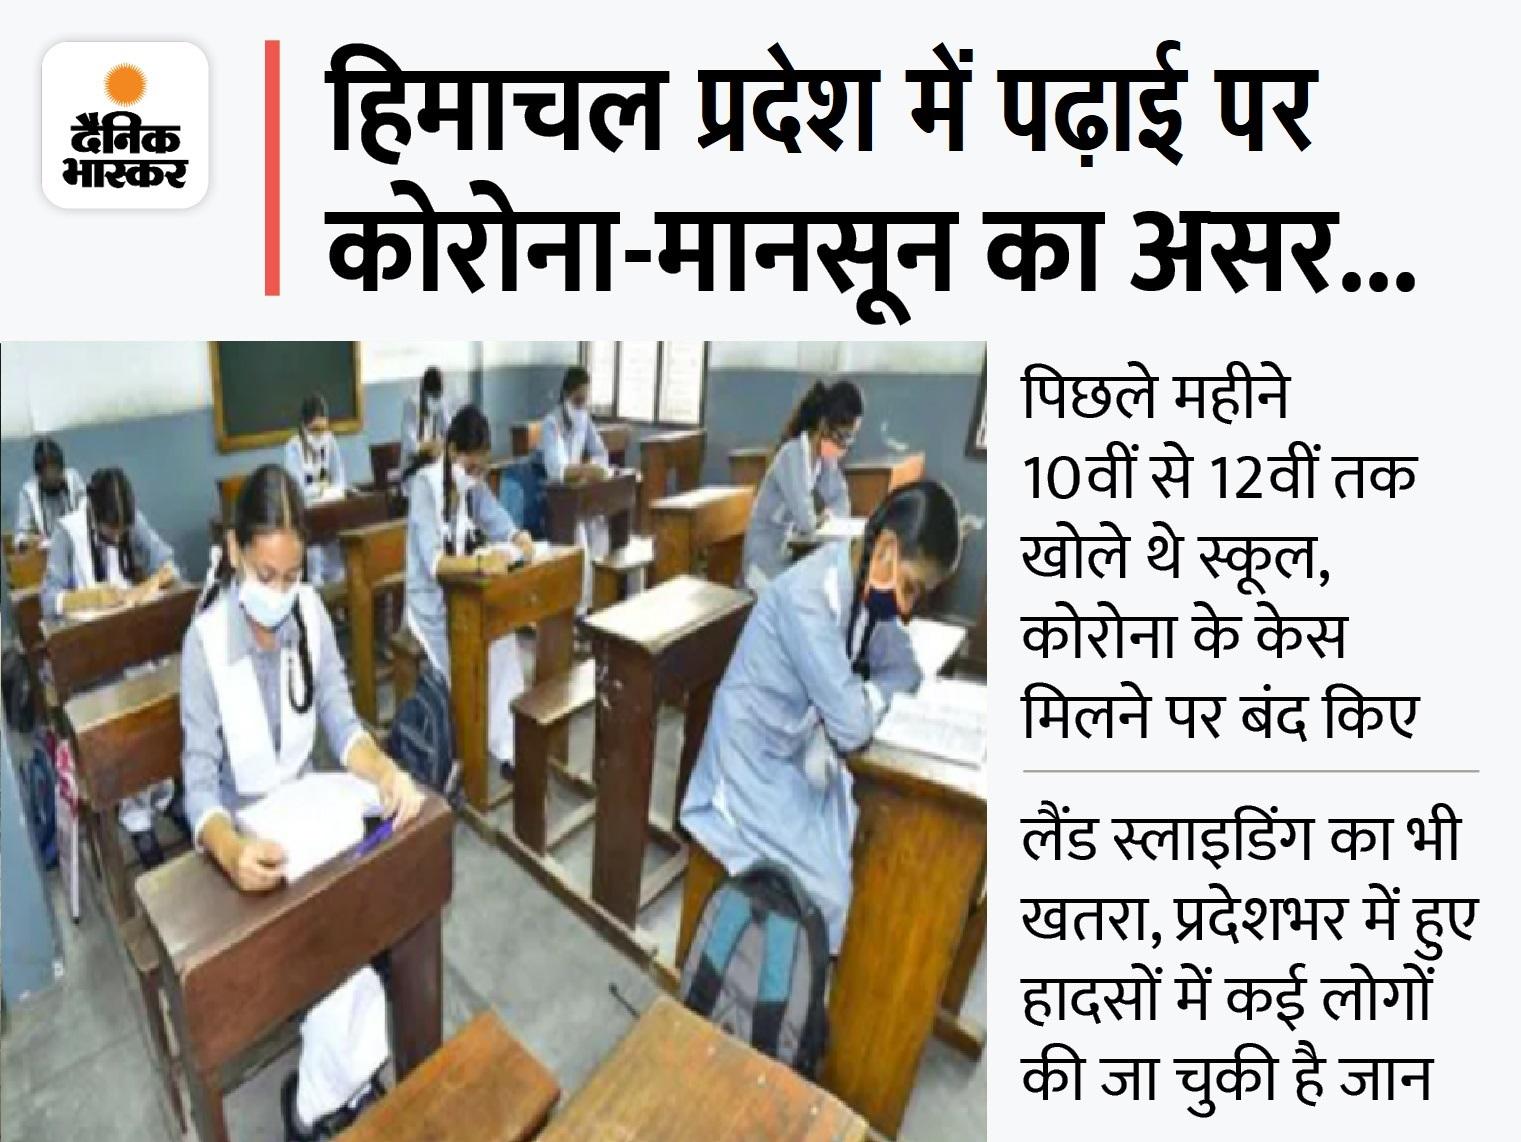 सरकार ने एक सप्ताह और बढ़ाई रोक; टीचिंग-नॉन टीचिंग स्टाफ पहले की तरह आएगा, ऑनलाइन पढ़ाई जारी रहेगी|शिमला,Shimla - Dainik Bhaskar